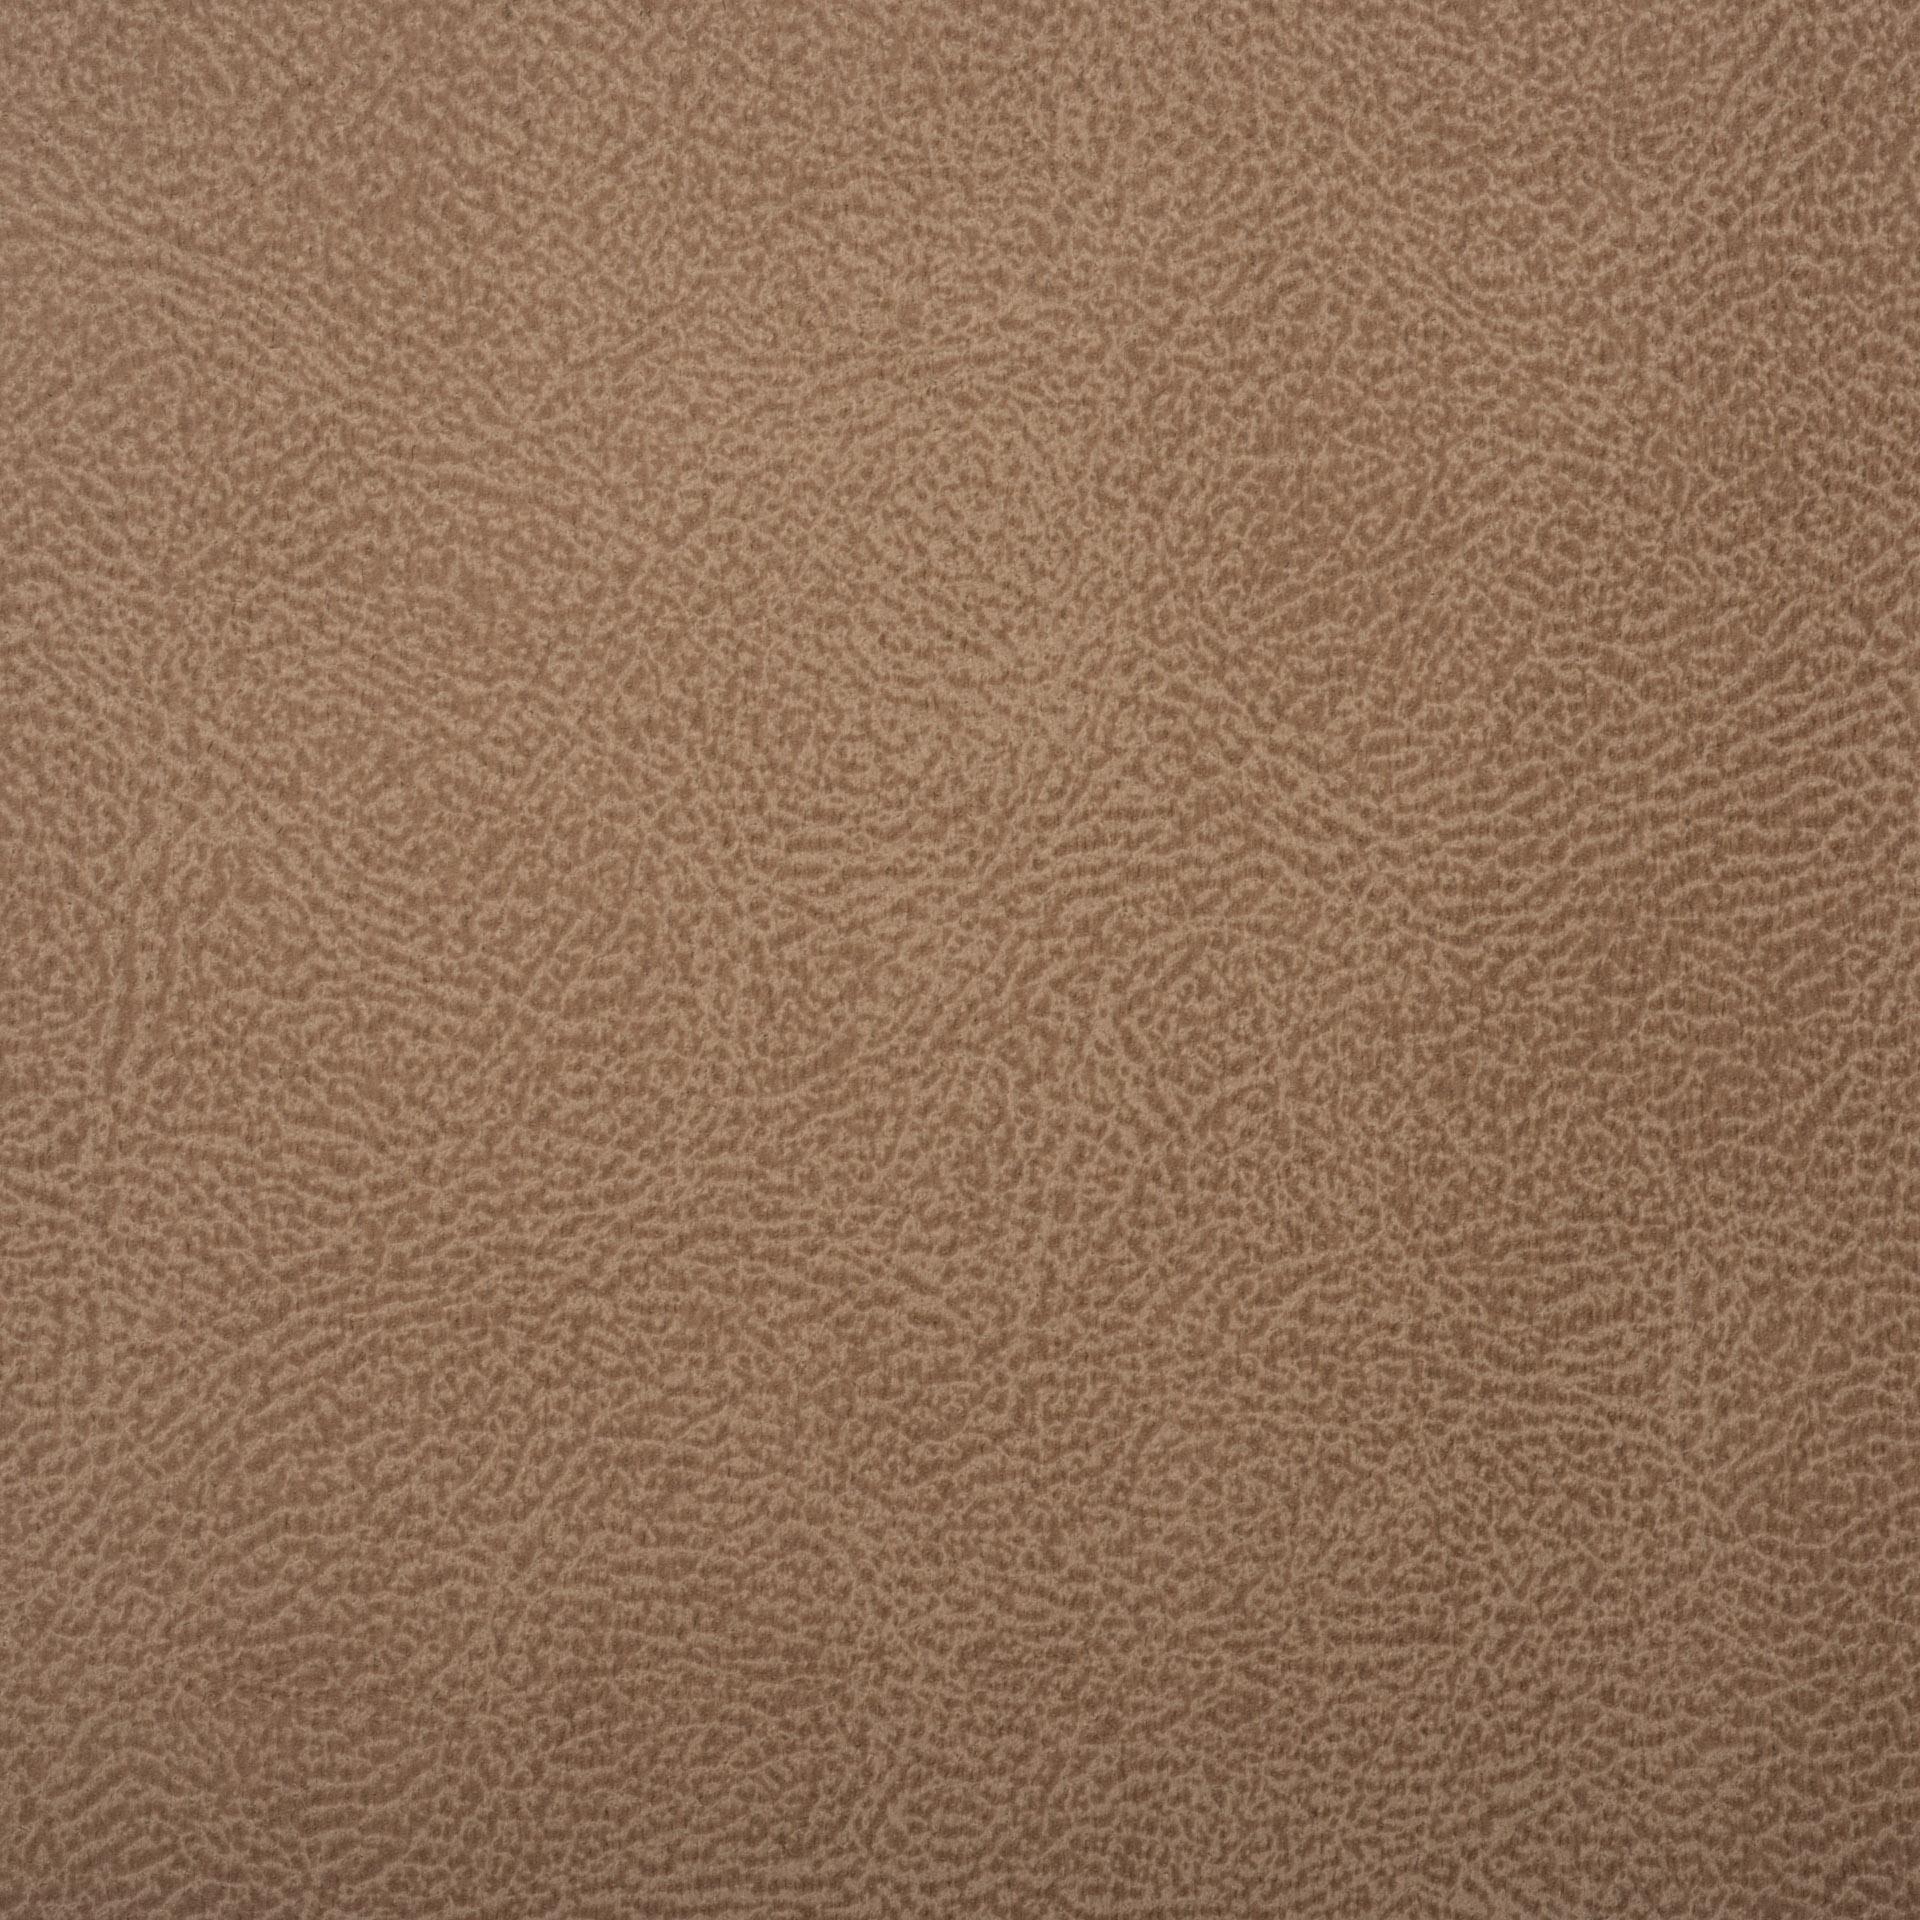 Коллекция ткани Амели BEIGE,  купить ткань Велюр для мебели Украина